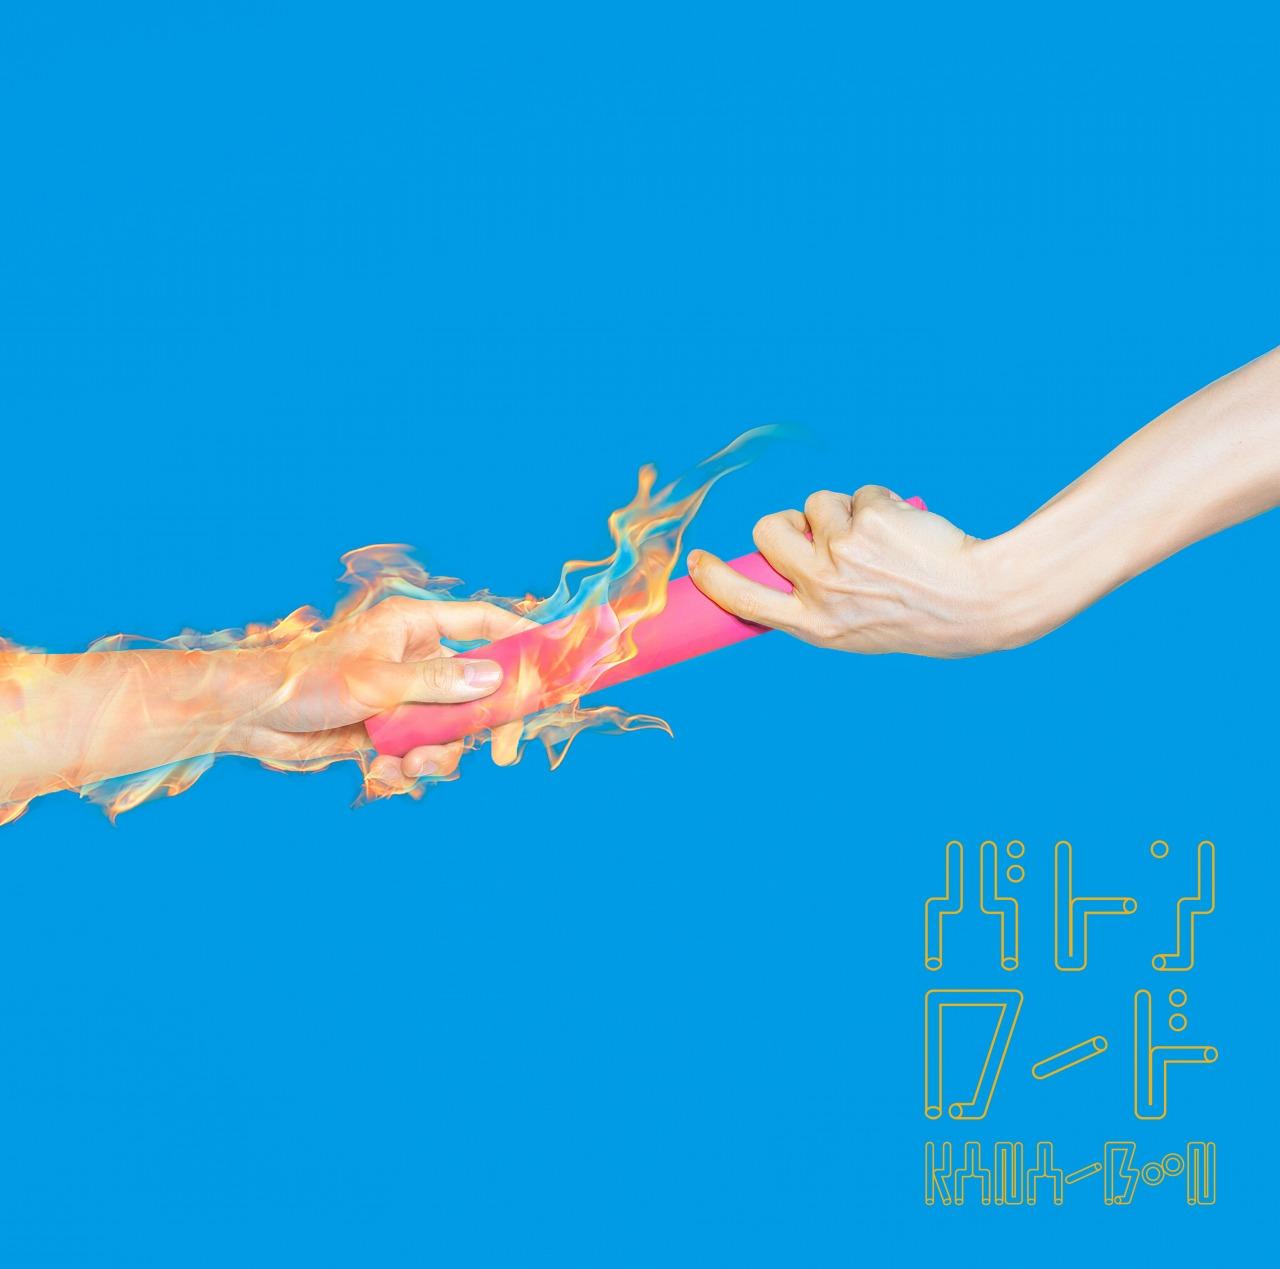 KANA-BOONドラム小泉の才能が爆発!  ニューシングル「バトンロード」のトレーラー映像をYouTubeで公開!